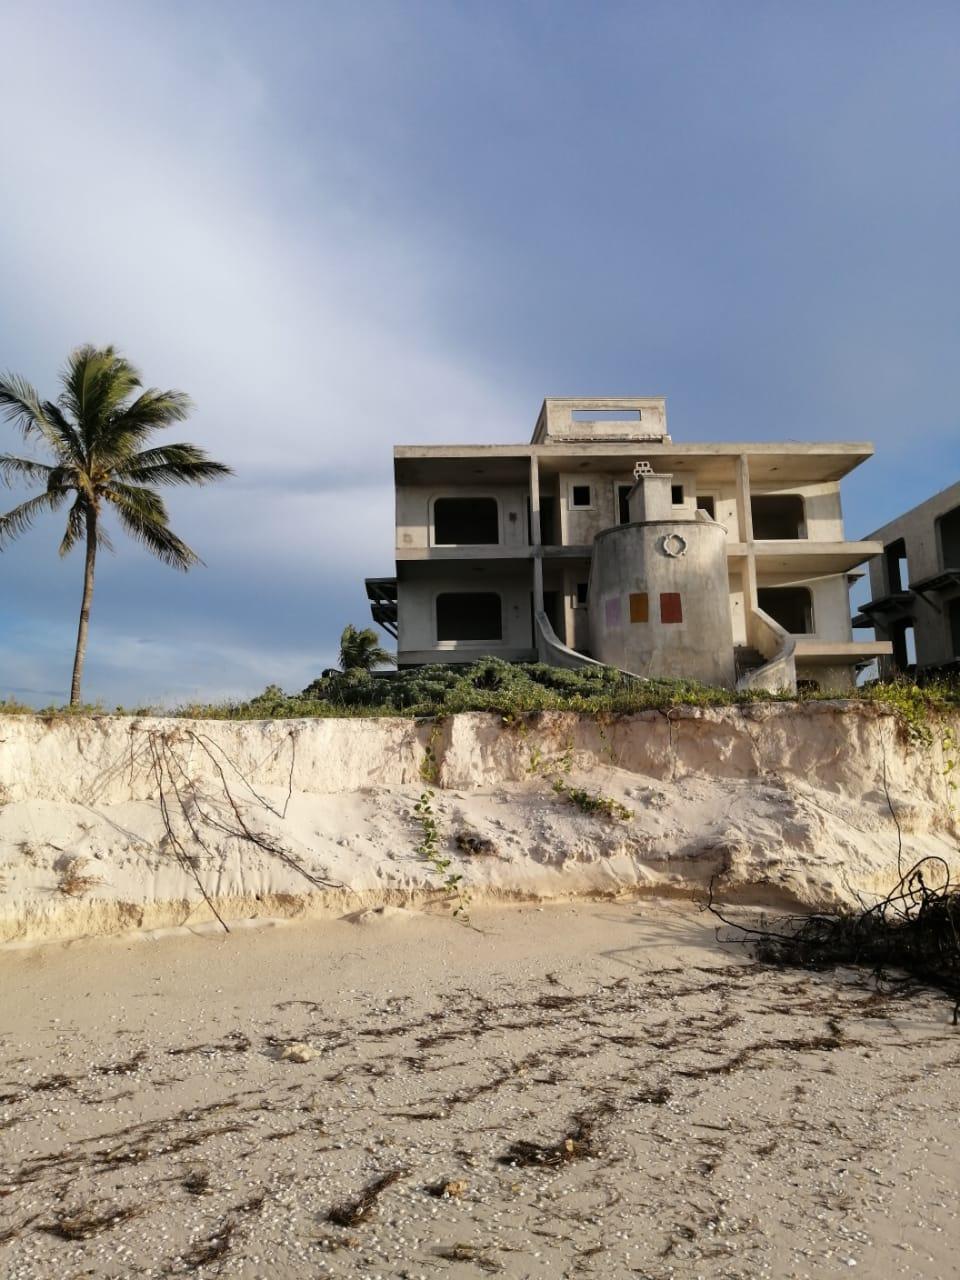 extraño hotel en telchac puerto hotel abandonado hotel fantasma